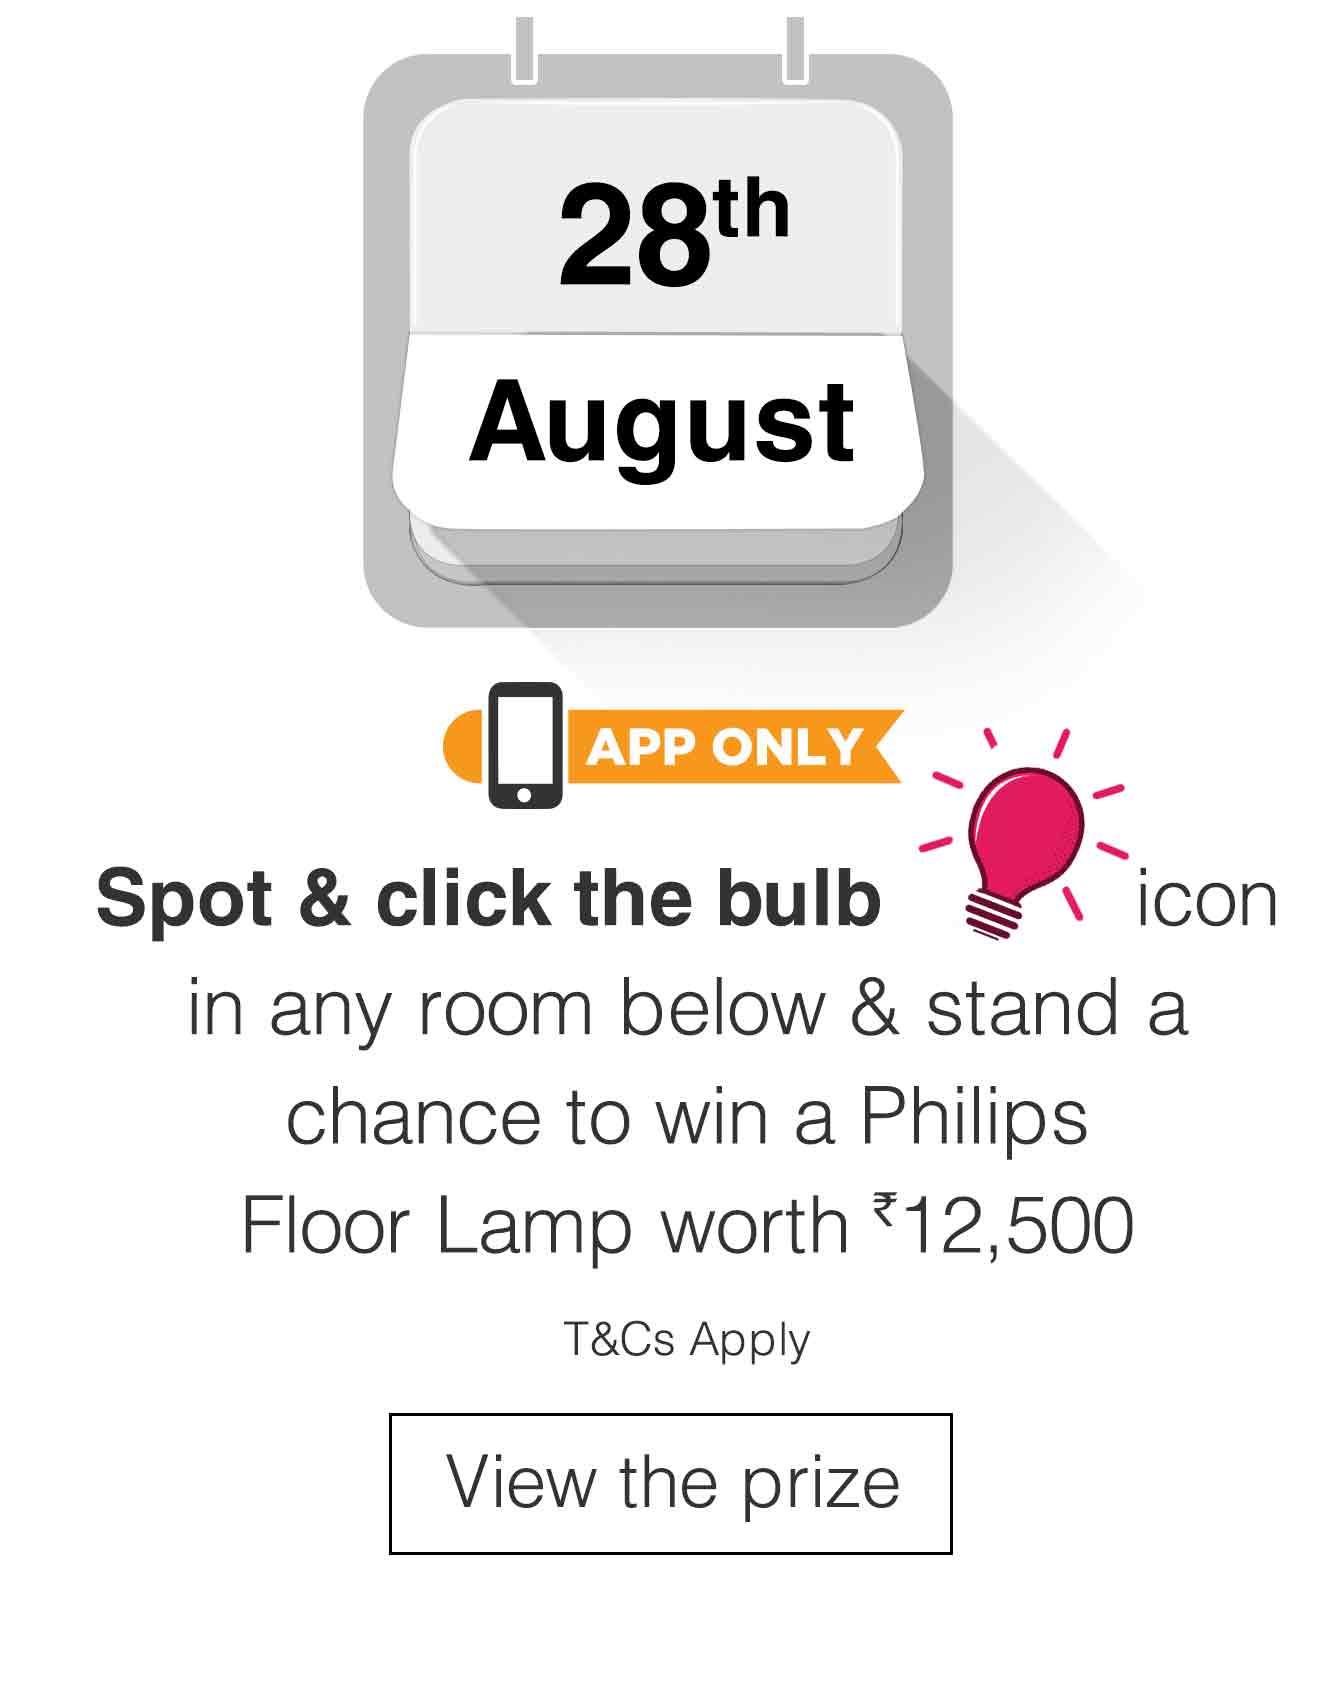 Spot & win contest